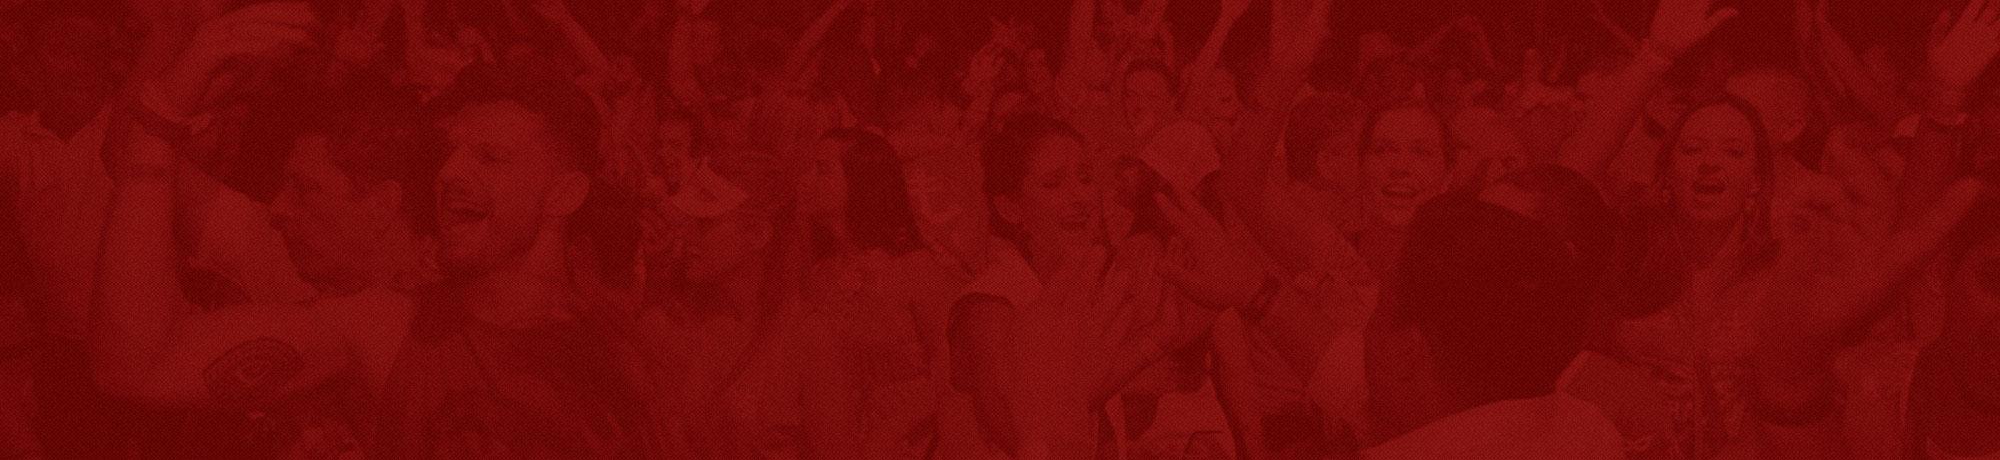 Save the date: 21/fev – Carnaval Vermelho e Branco – Siga o seu ritmo